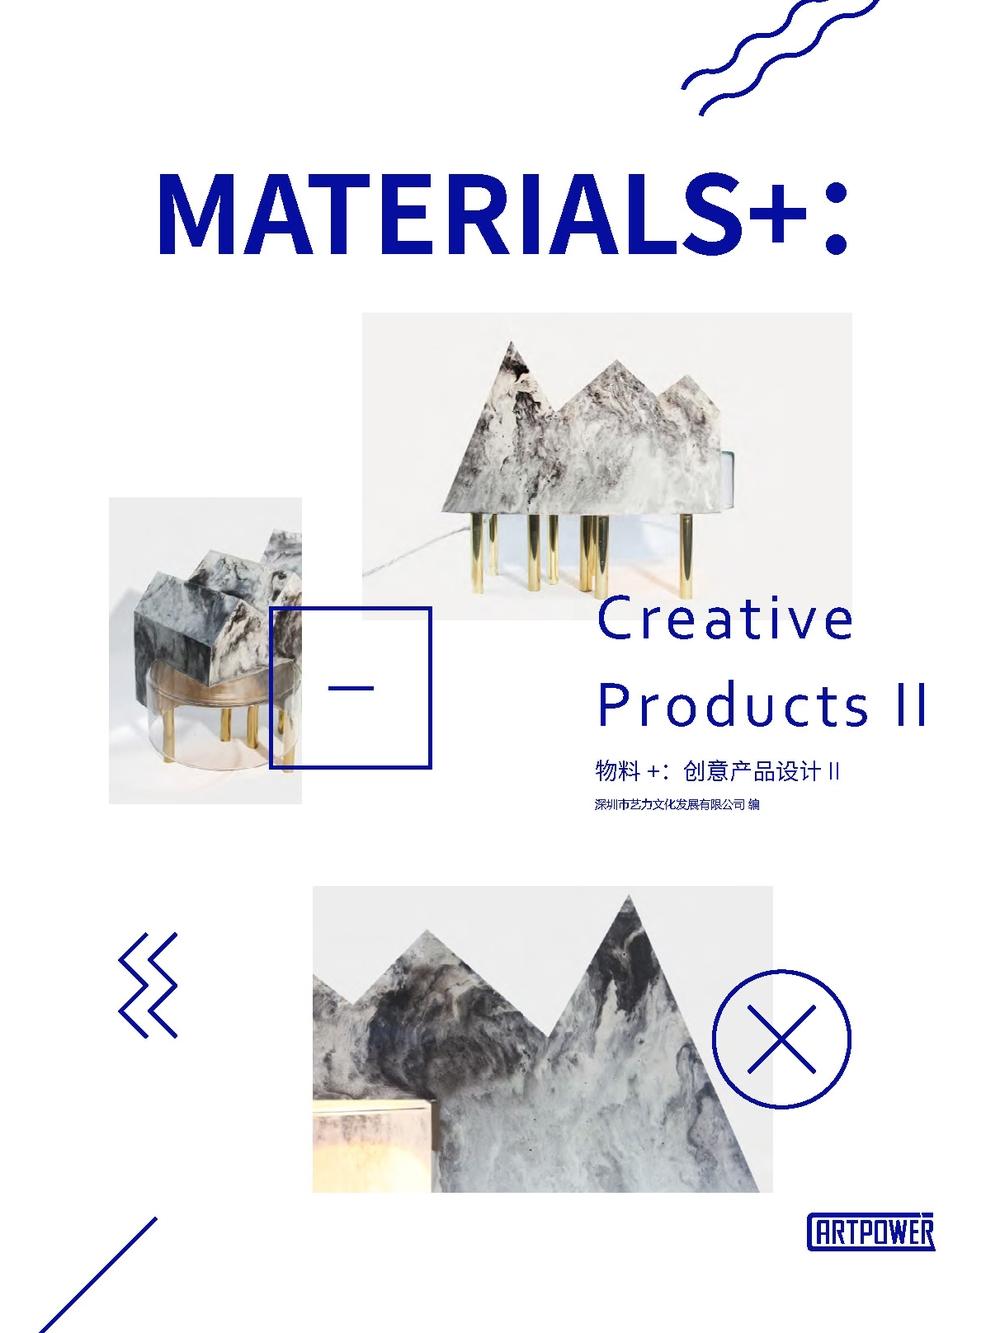 Materials+ China